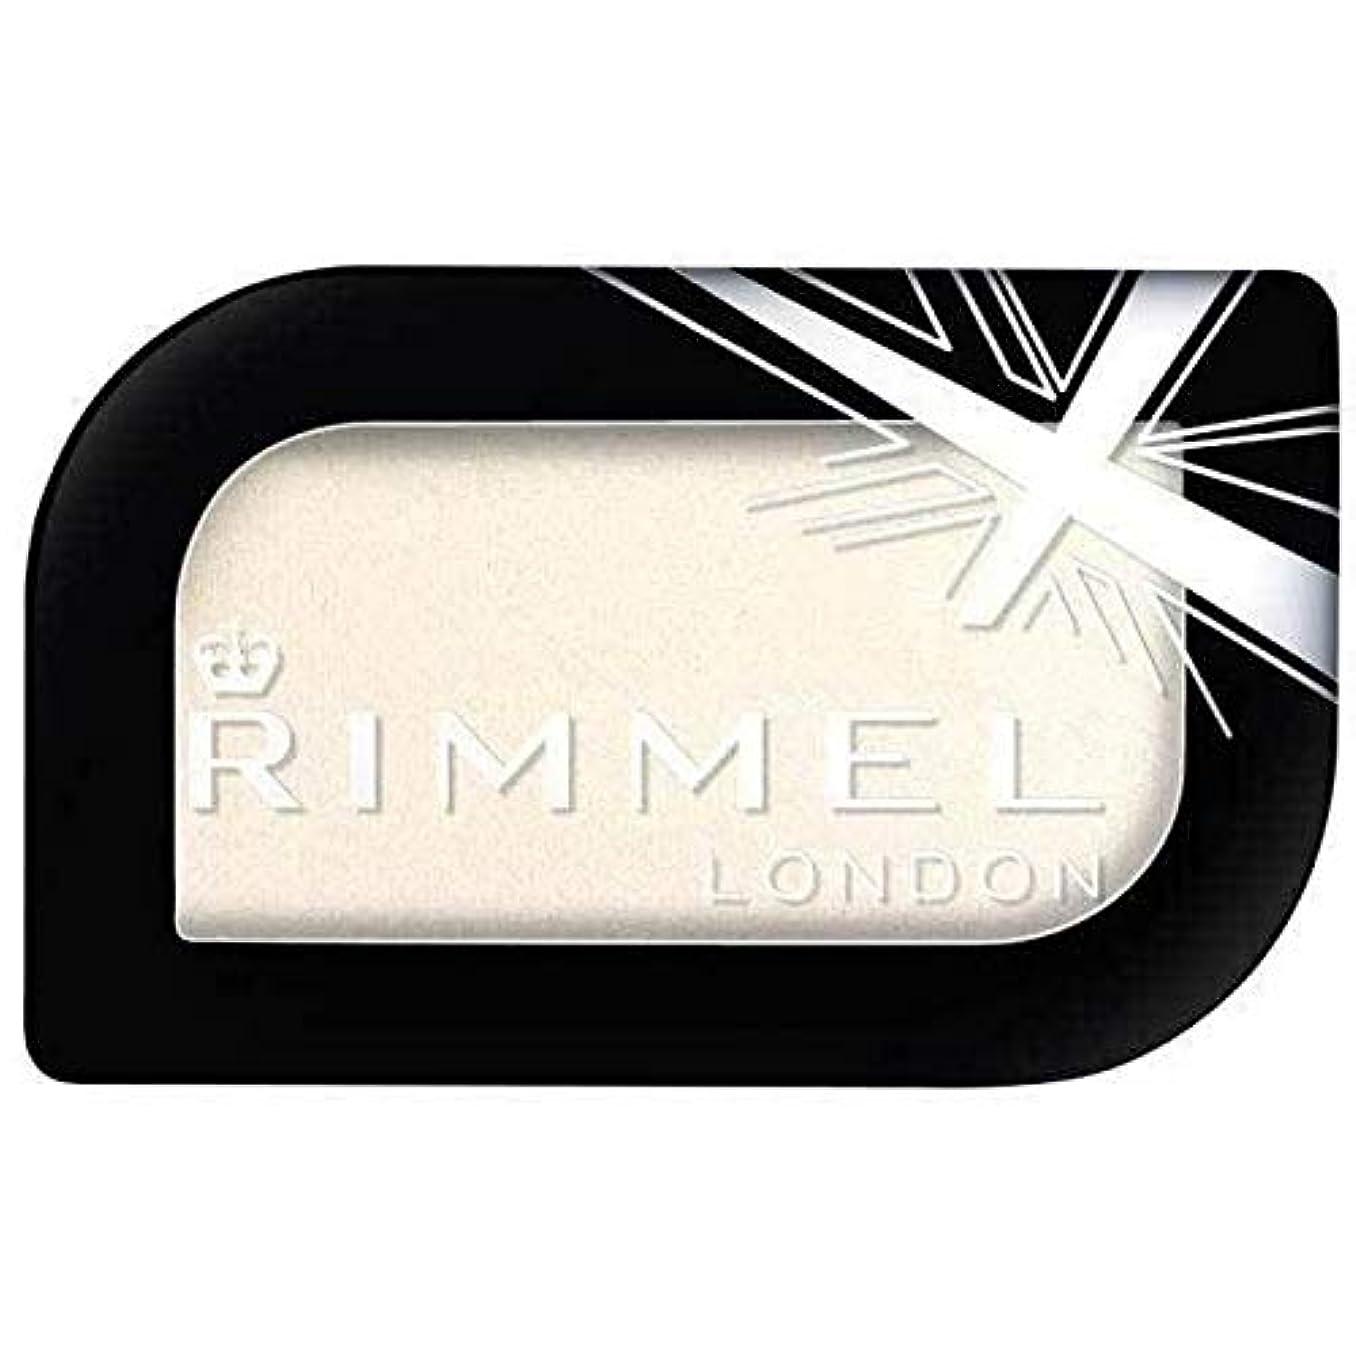 フリル乙女農学[Rimmel ] リンメルロンドンは、モノアイシャドウQジャンプ5.2グラムをGlam'Eyes - Rimmel London Glam'eyes Mono Eyeshadow Q Jump 5.2g [並行輸入品]